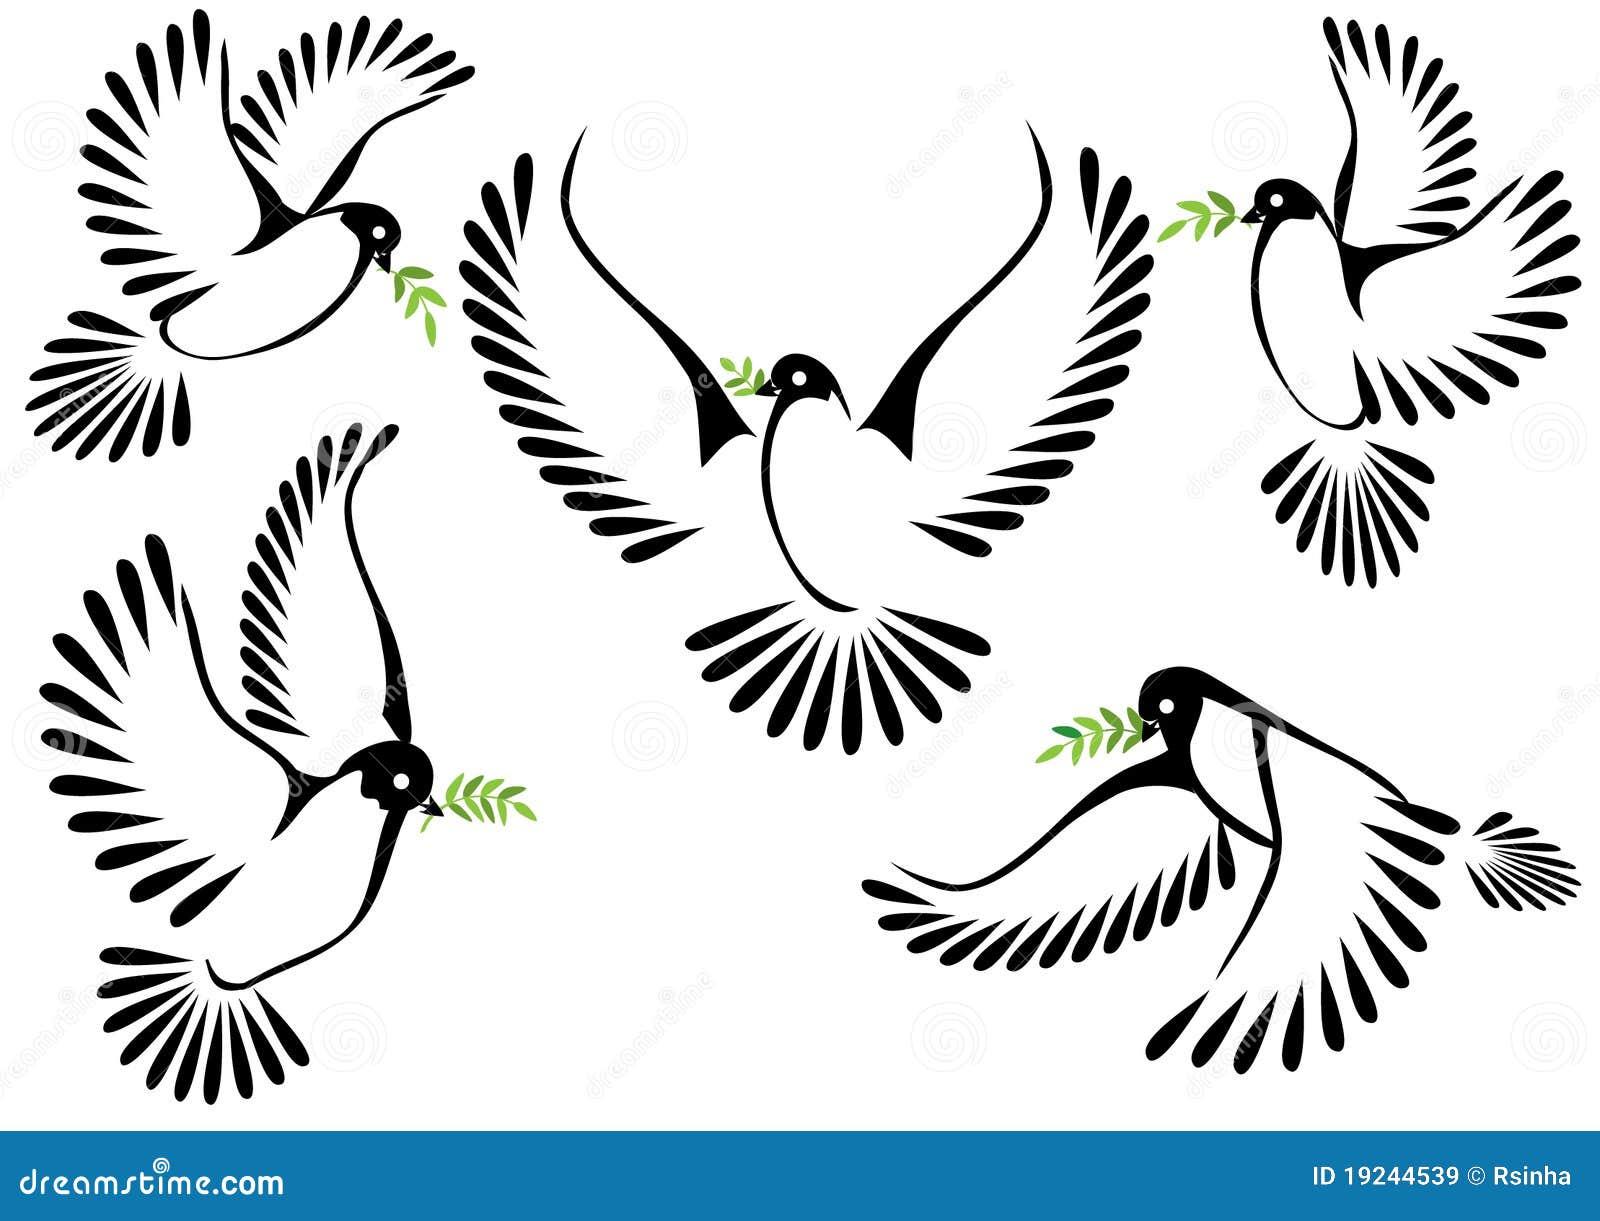 Bedwelming Het Symbool Van De Duif Van Vrede En Vrijheid Stock Illustratie #JG81